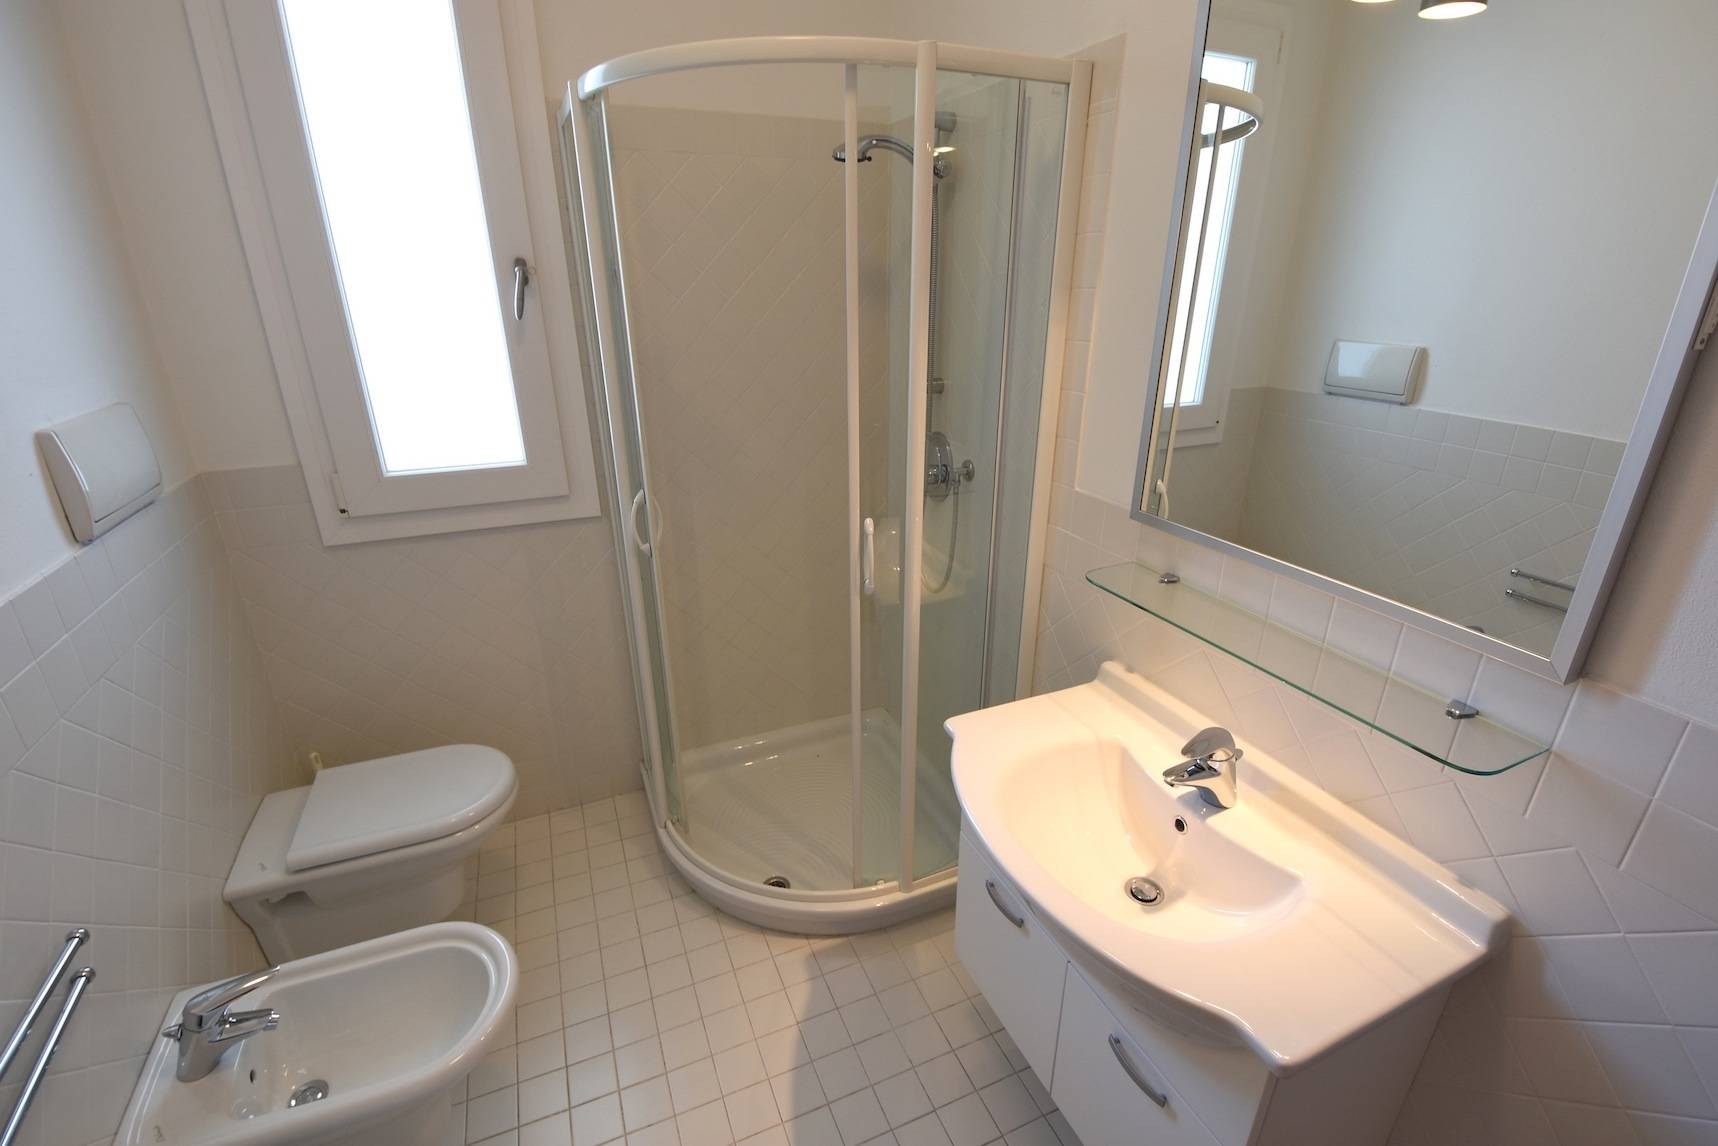 bagno-appartamento-jesolo-1592274278